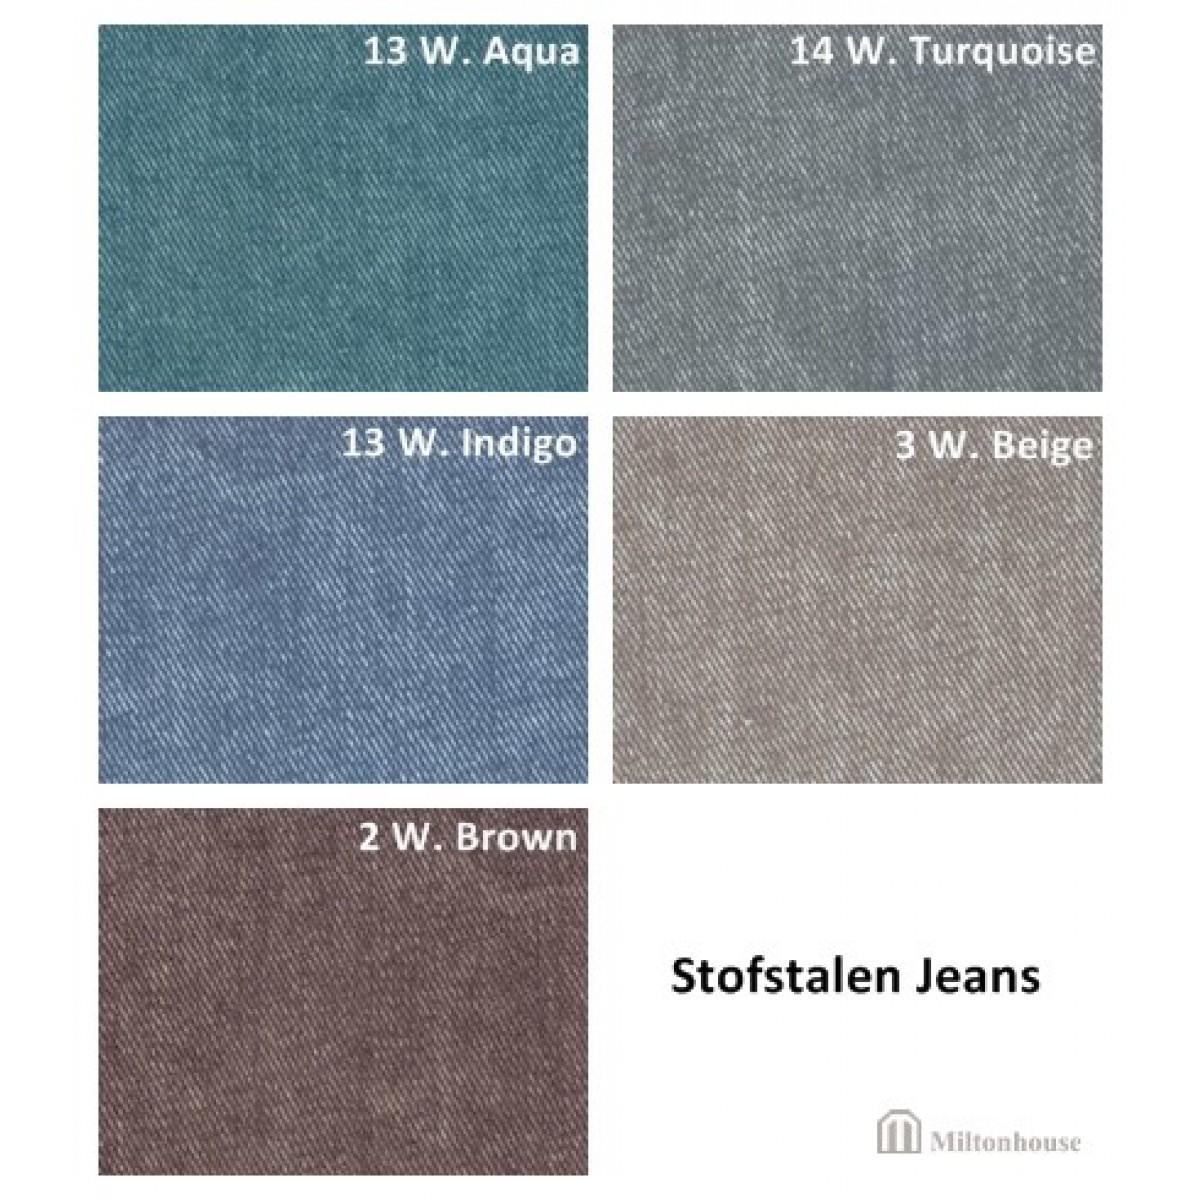 stofstalen_jeans